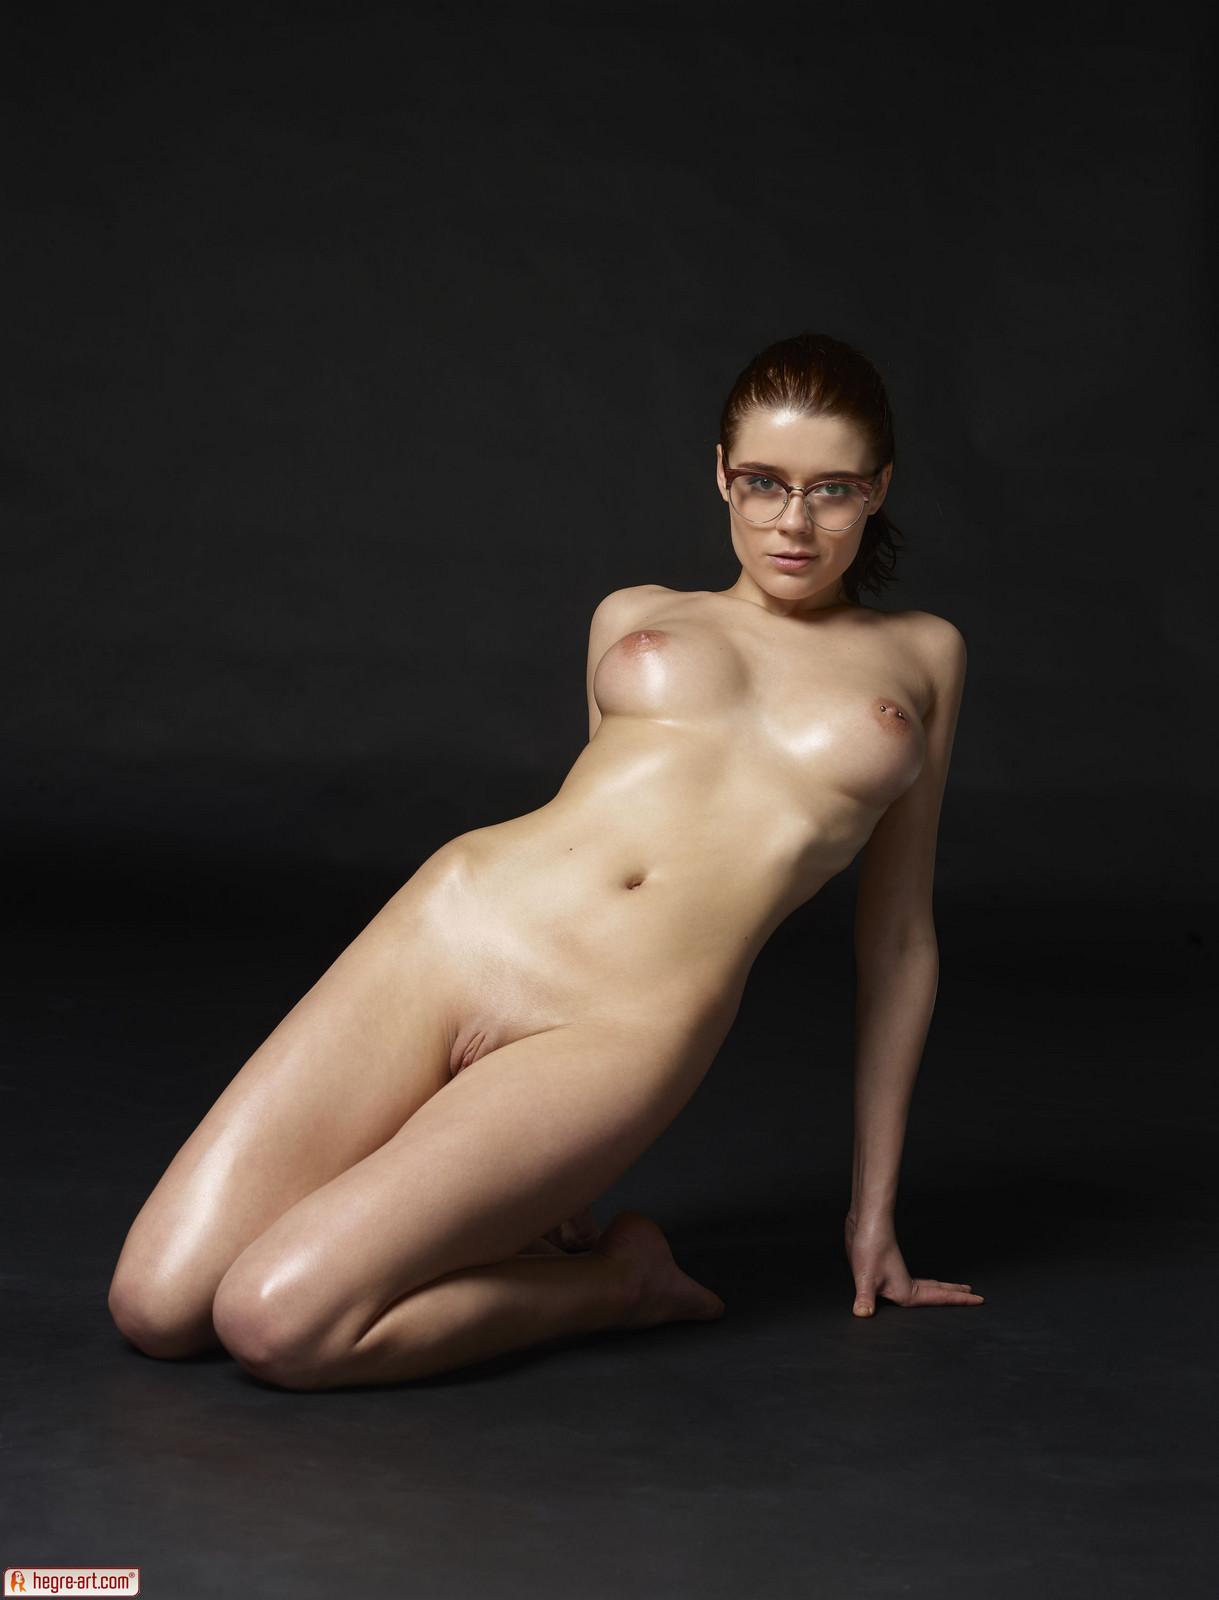 Zdjęcie porno - 1218 - Boskie ciało rudej pani